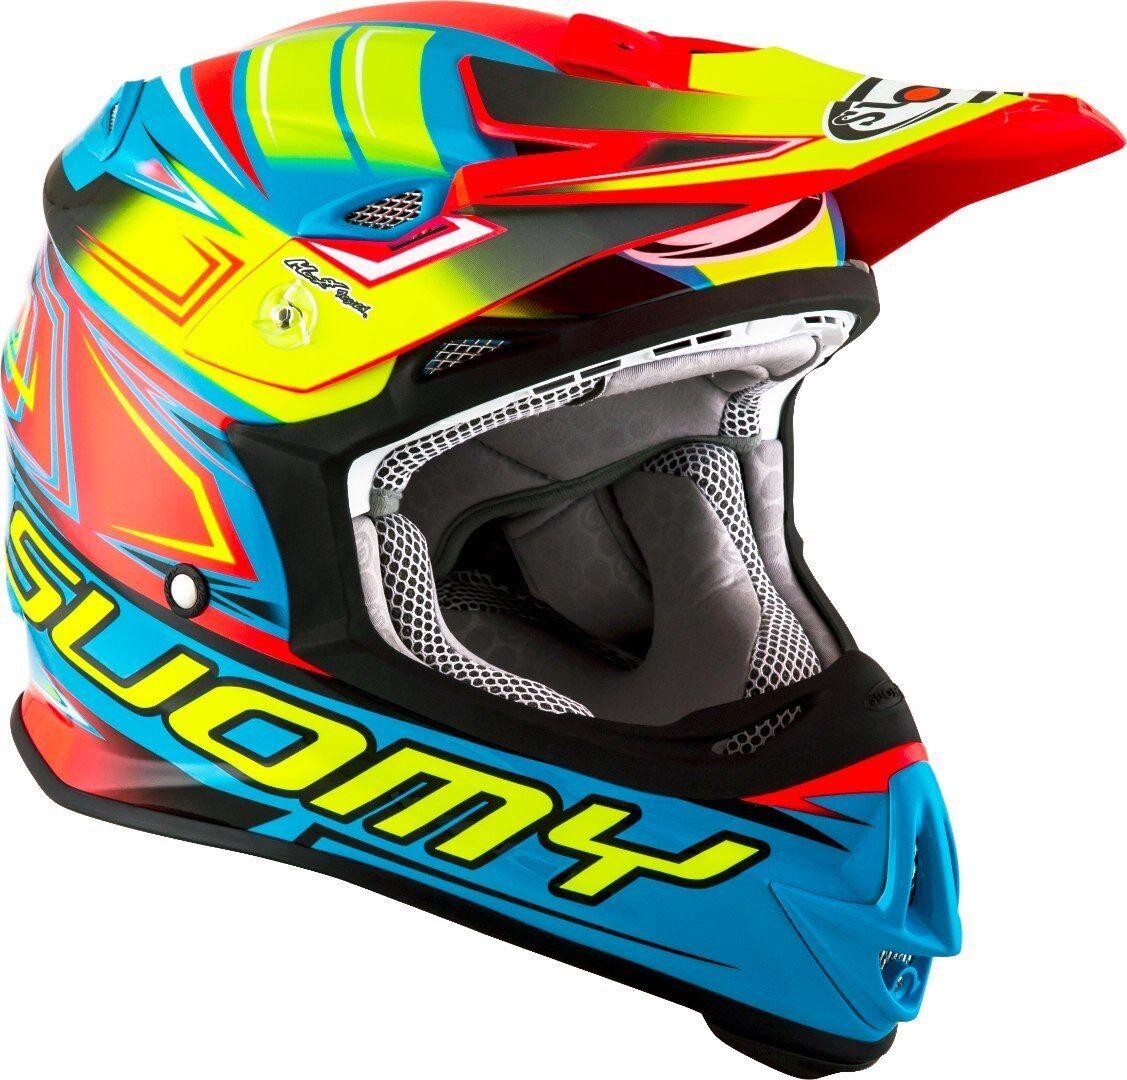 Suomy MR Jump Start Casque de motocross Rose Bleu taille : XL